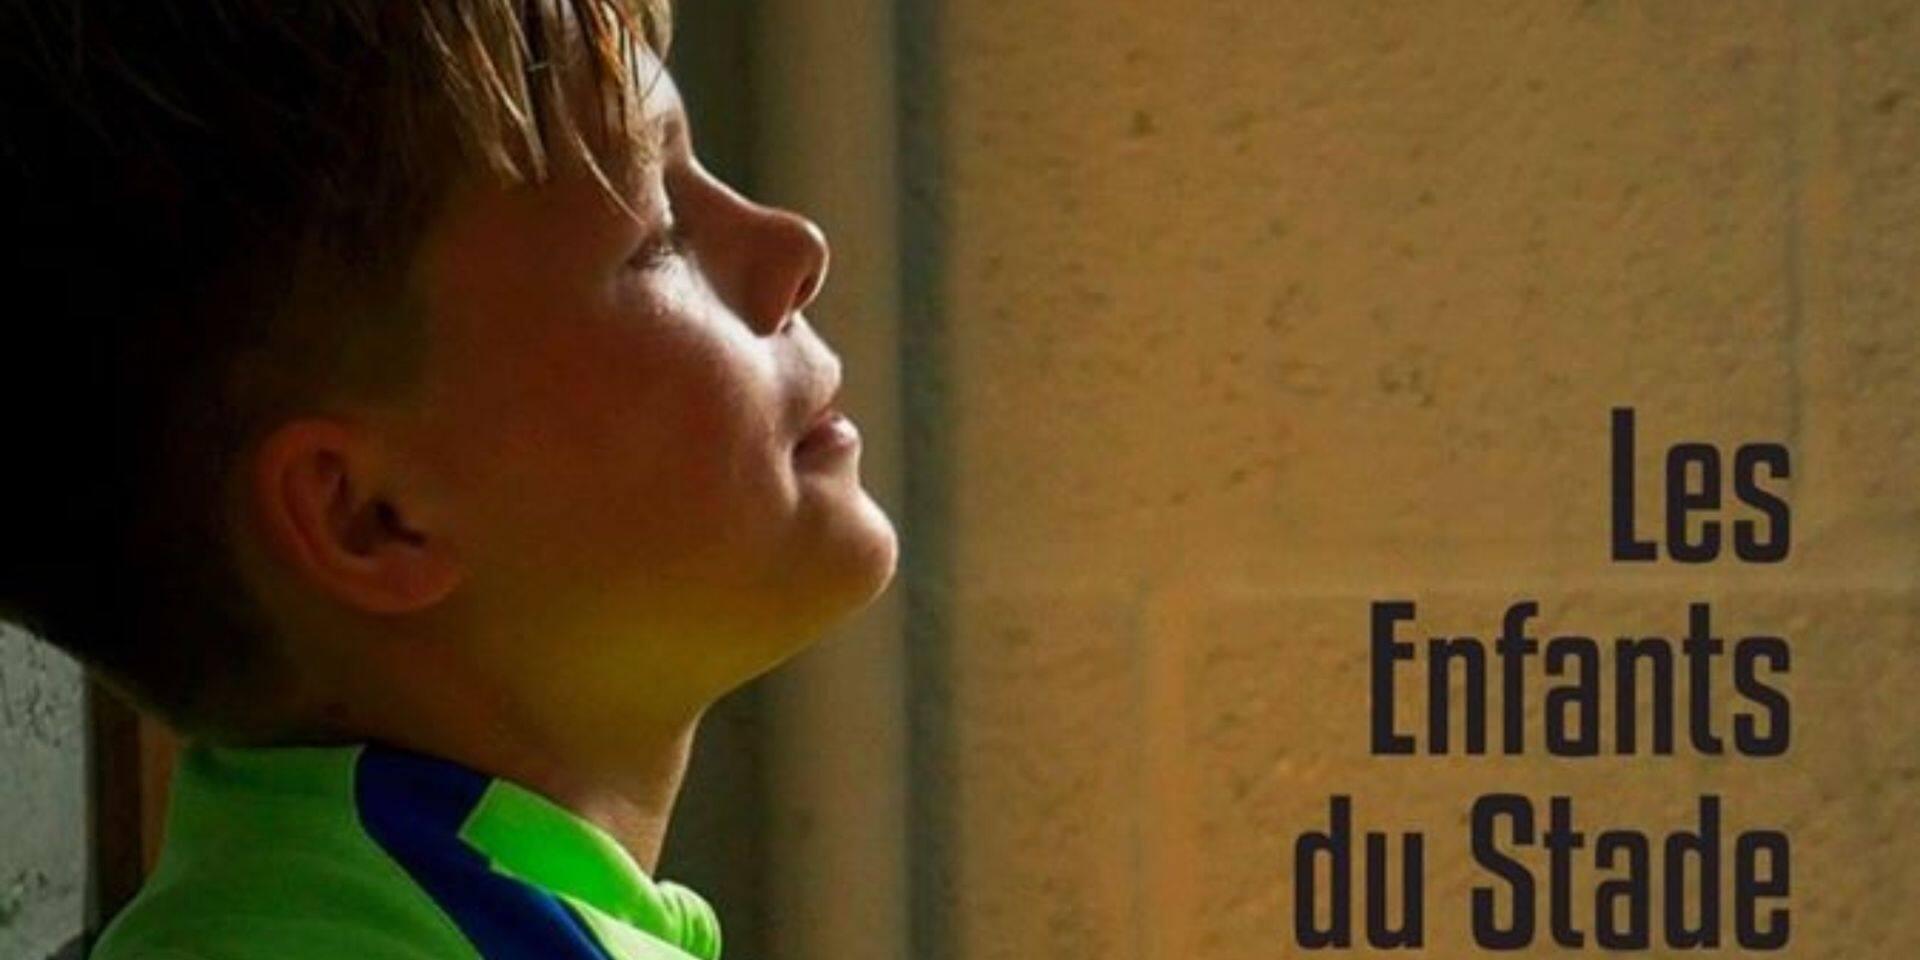 Enfants du Stade, la nouvelle série sur le football de la RTBF voit le jour